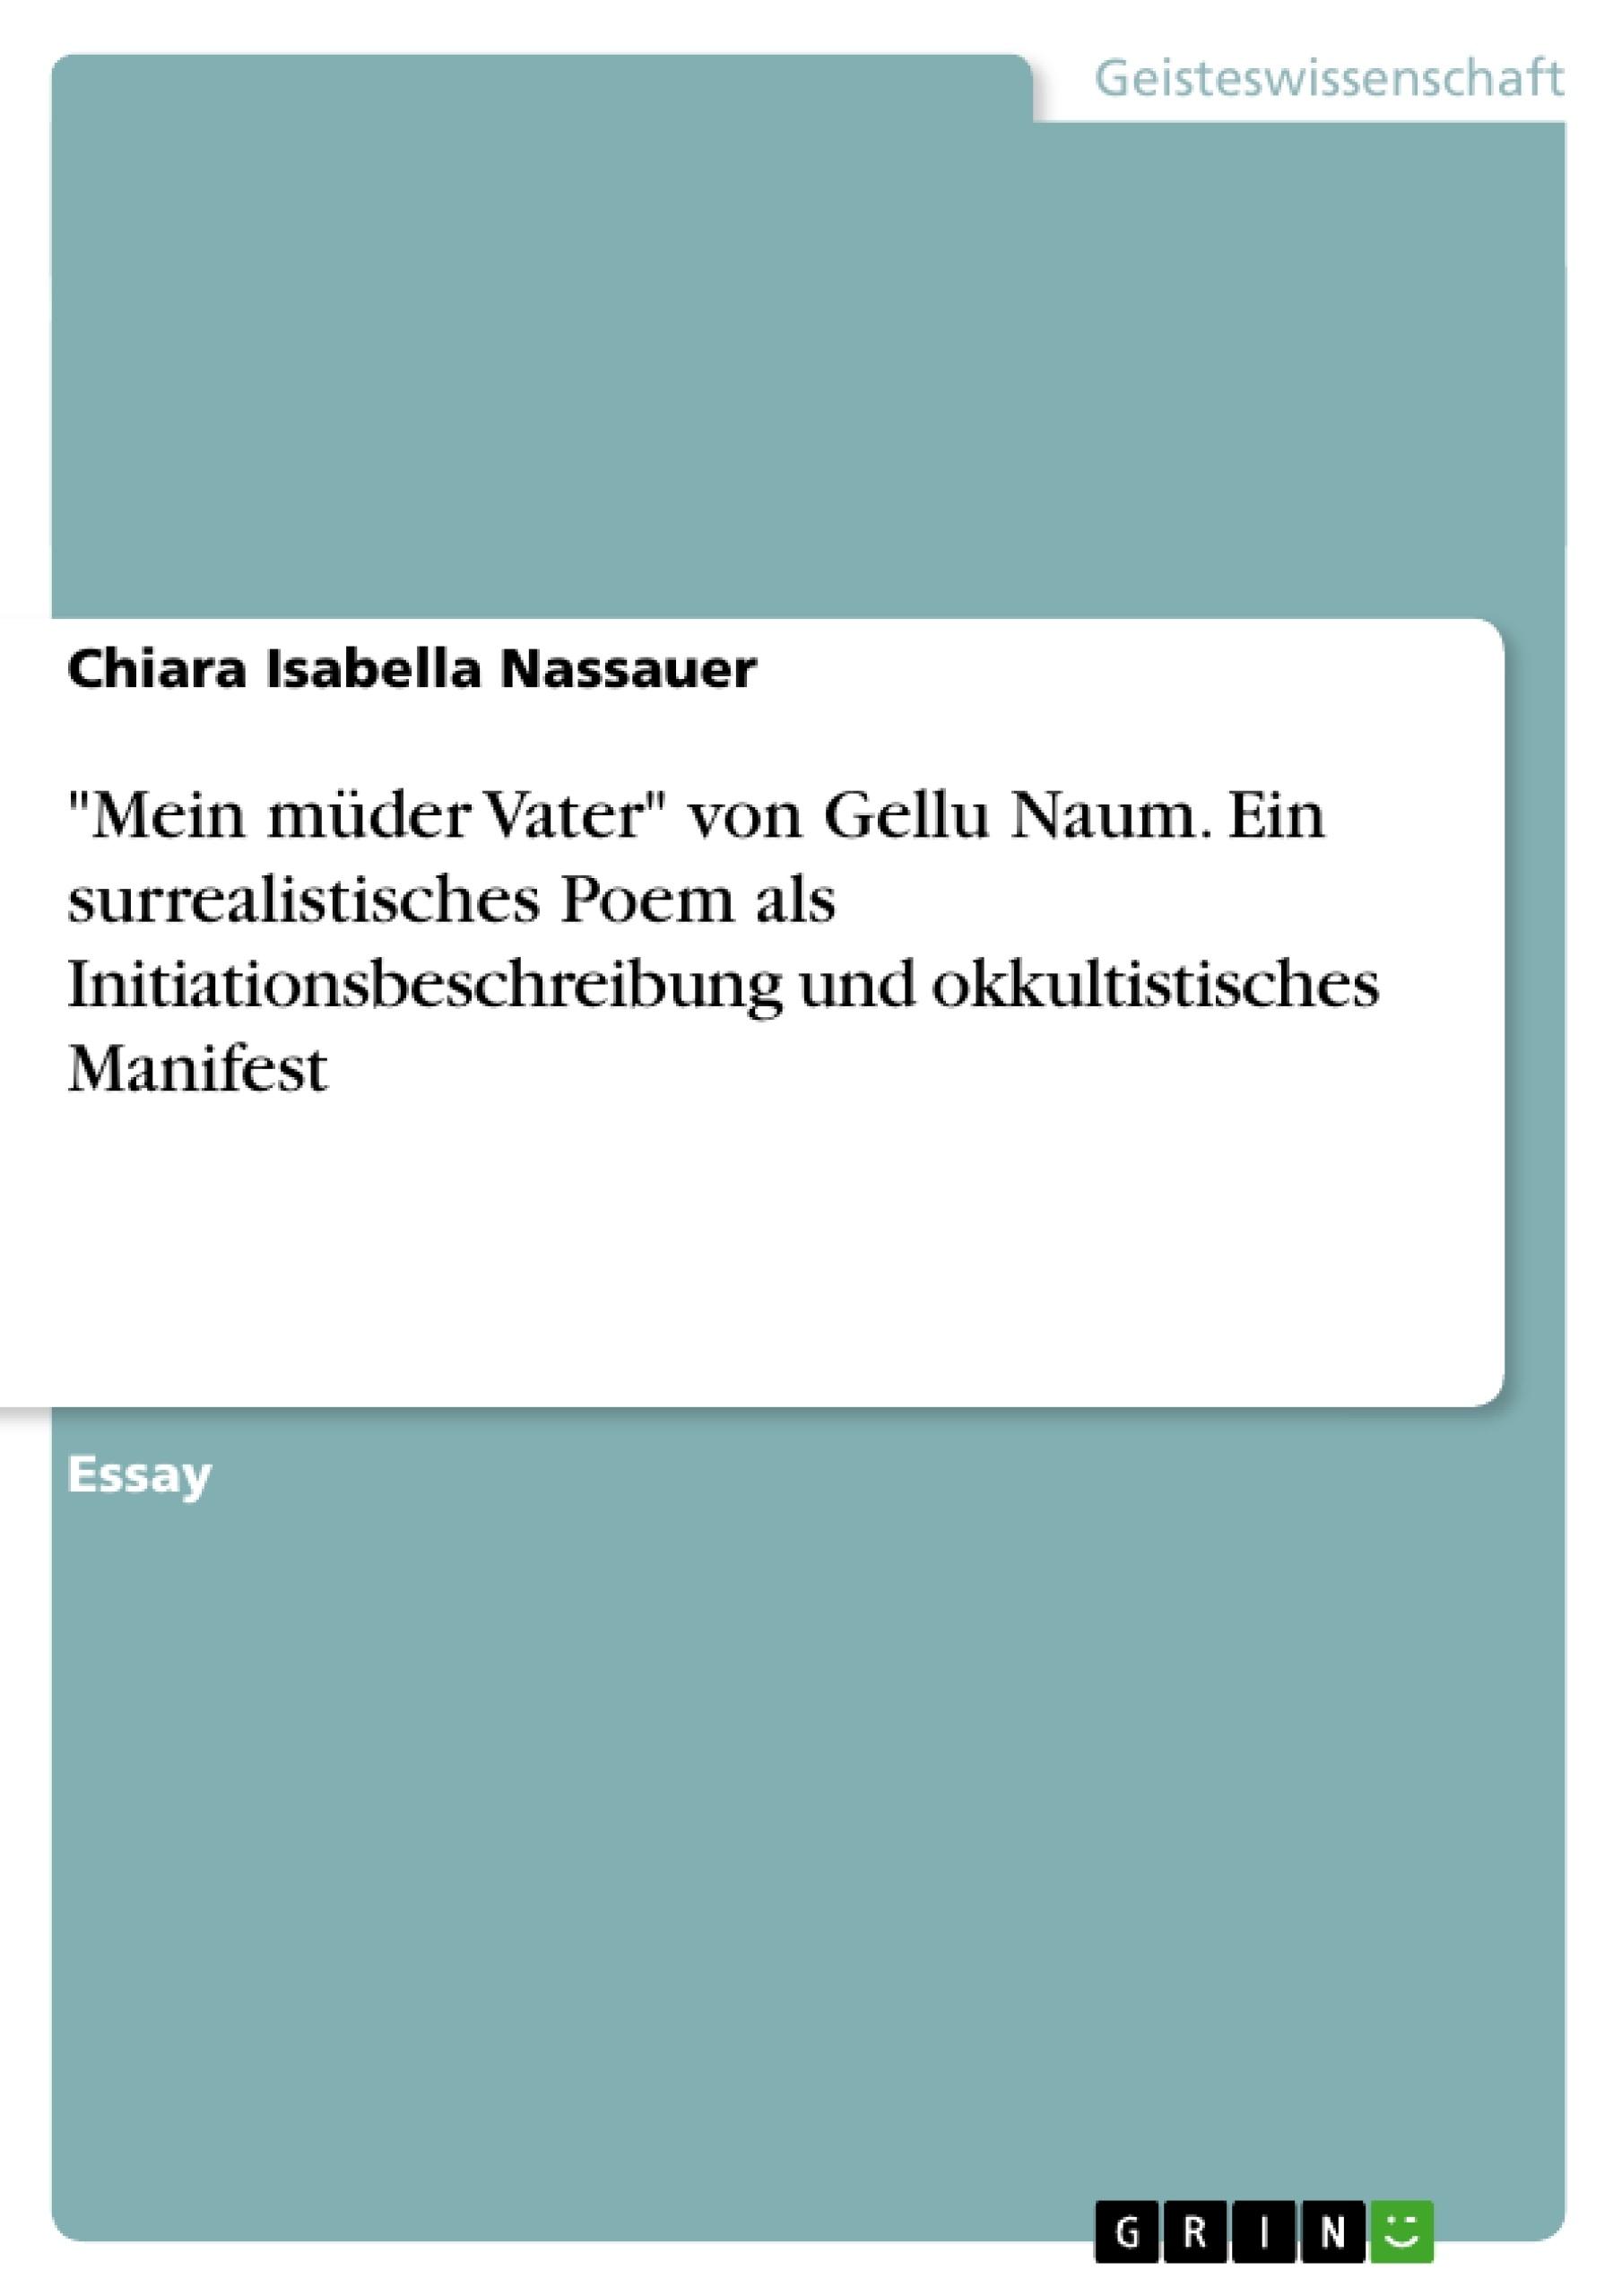 """Titel: """"Mein müder Vater"""" von Gellu Naum. Ein surrealistisches Poem als Initiationsbeschreibung und okkultistisches Manifest"""